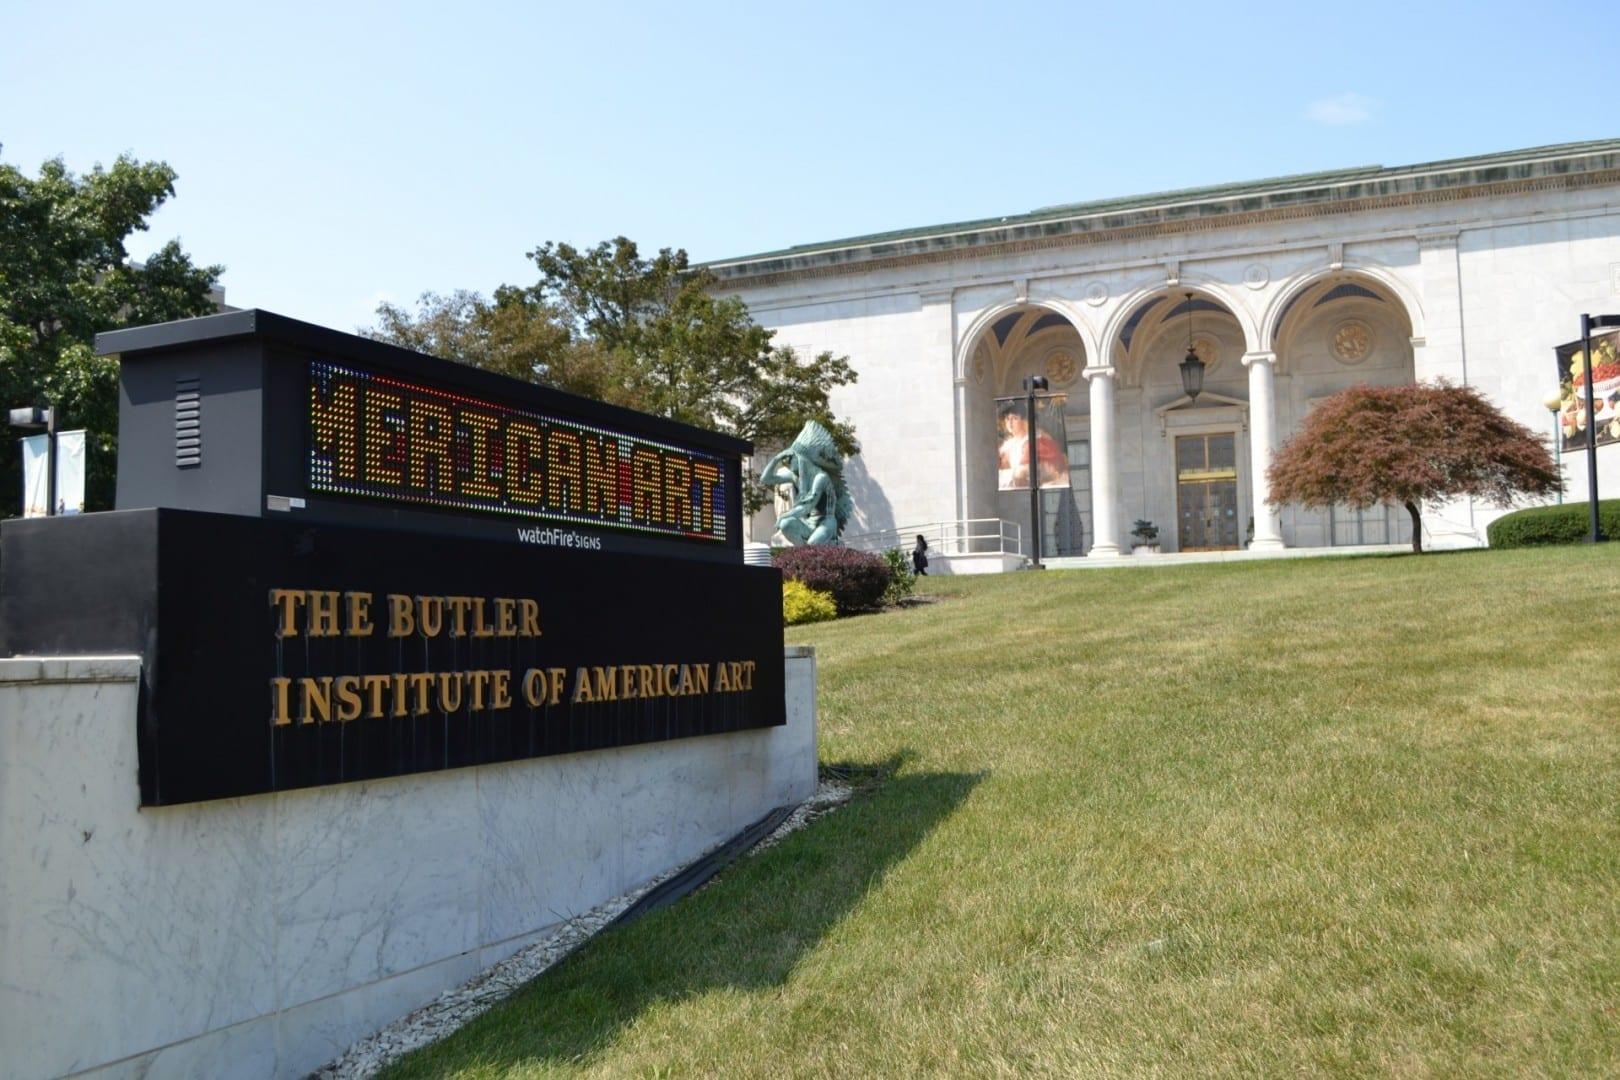 El Instituto Butler de Arte Americano Youngstown OH Estados Unidos